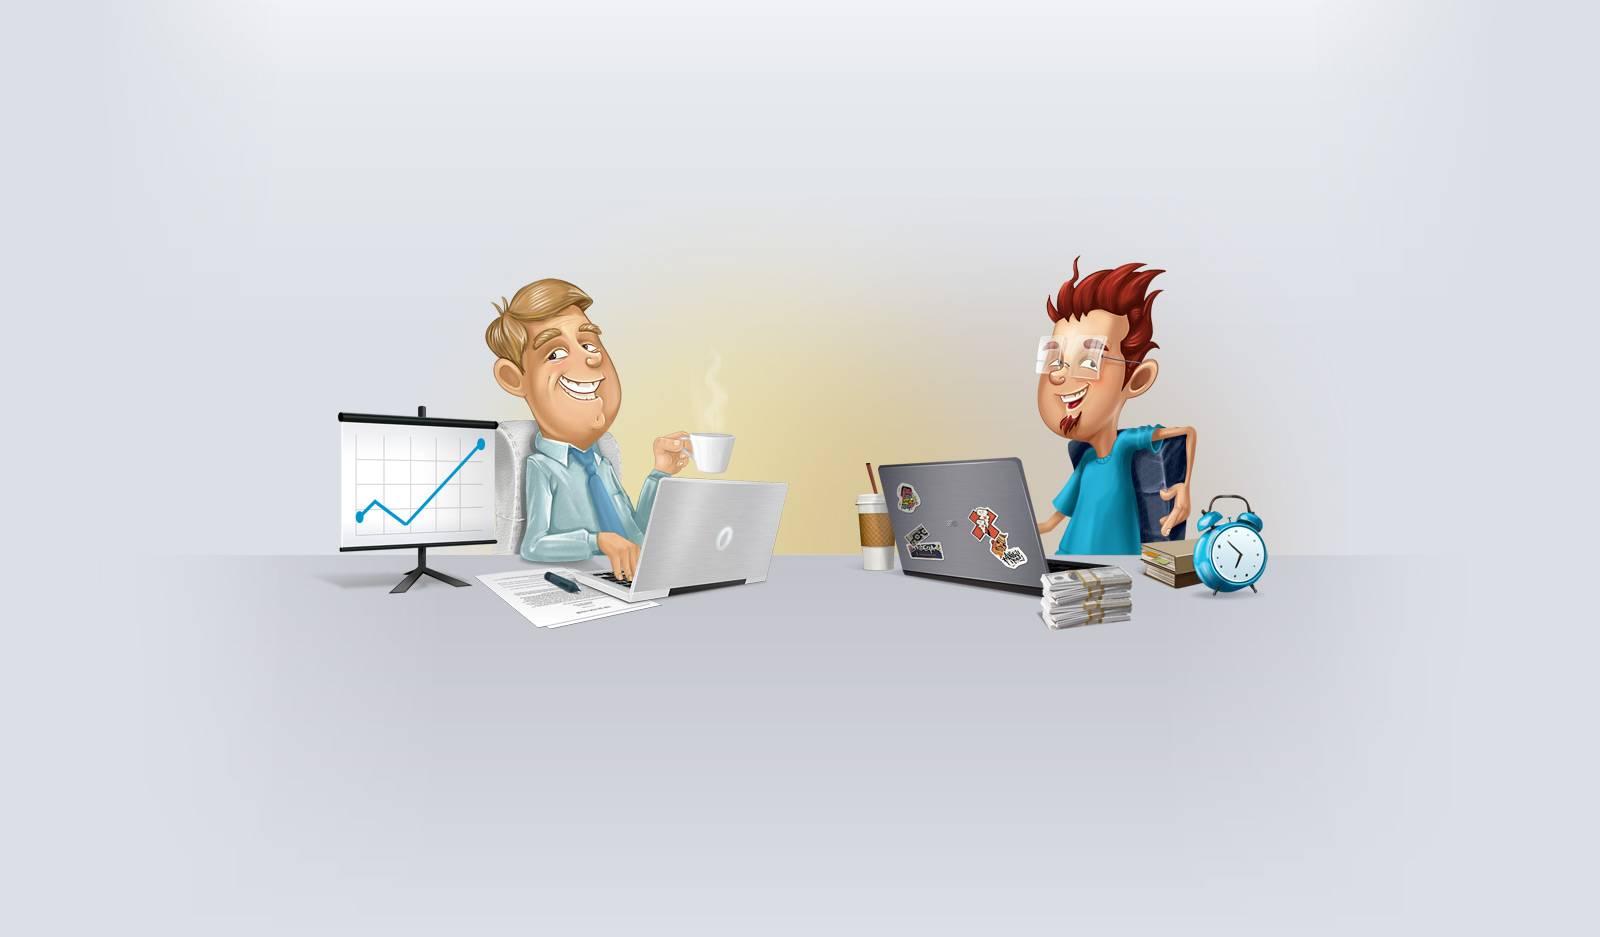 Заработок в инстаграм: способы и их эффективность